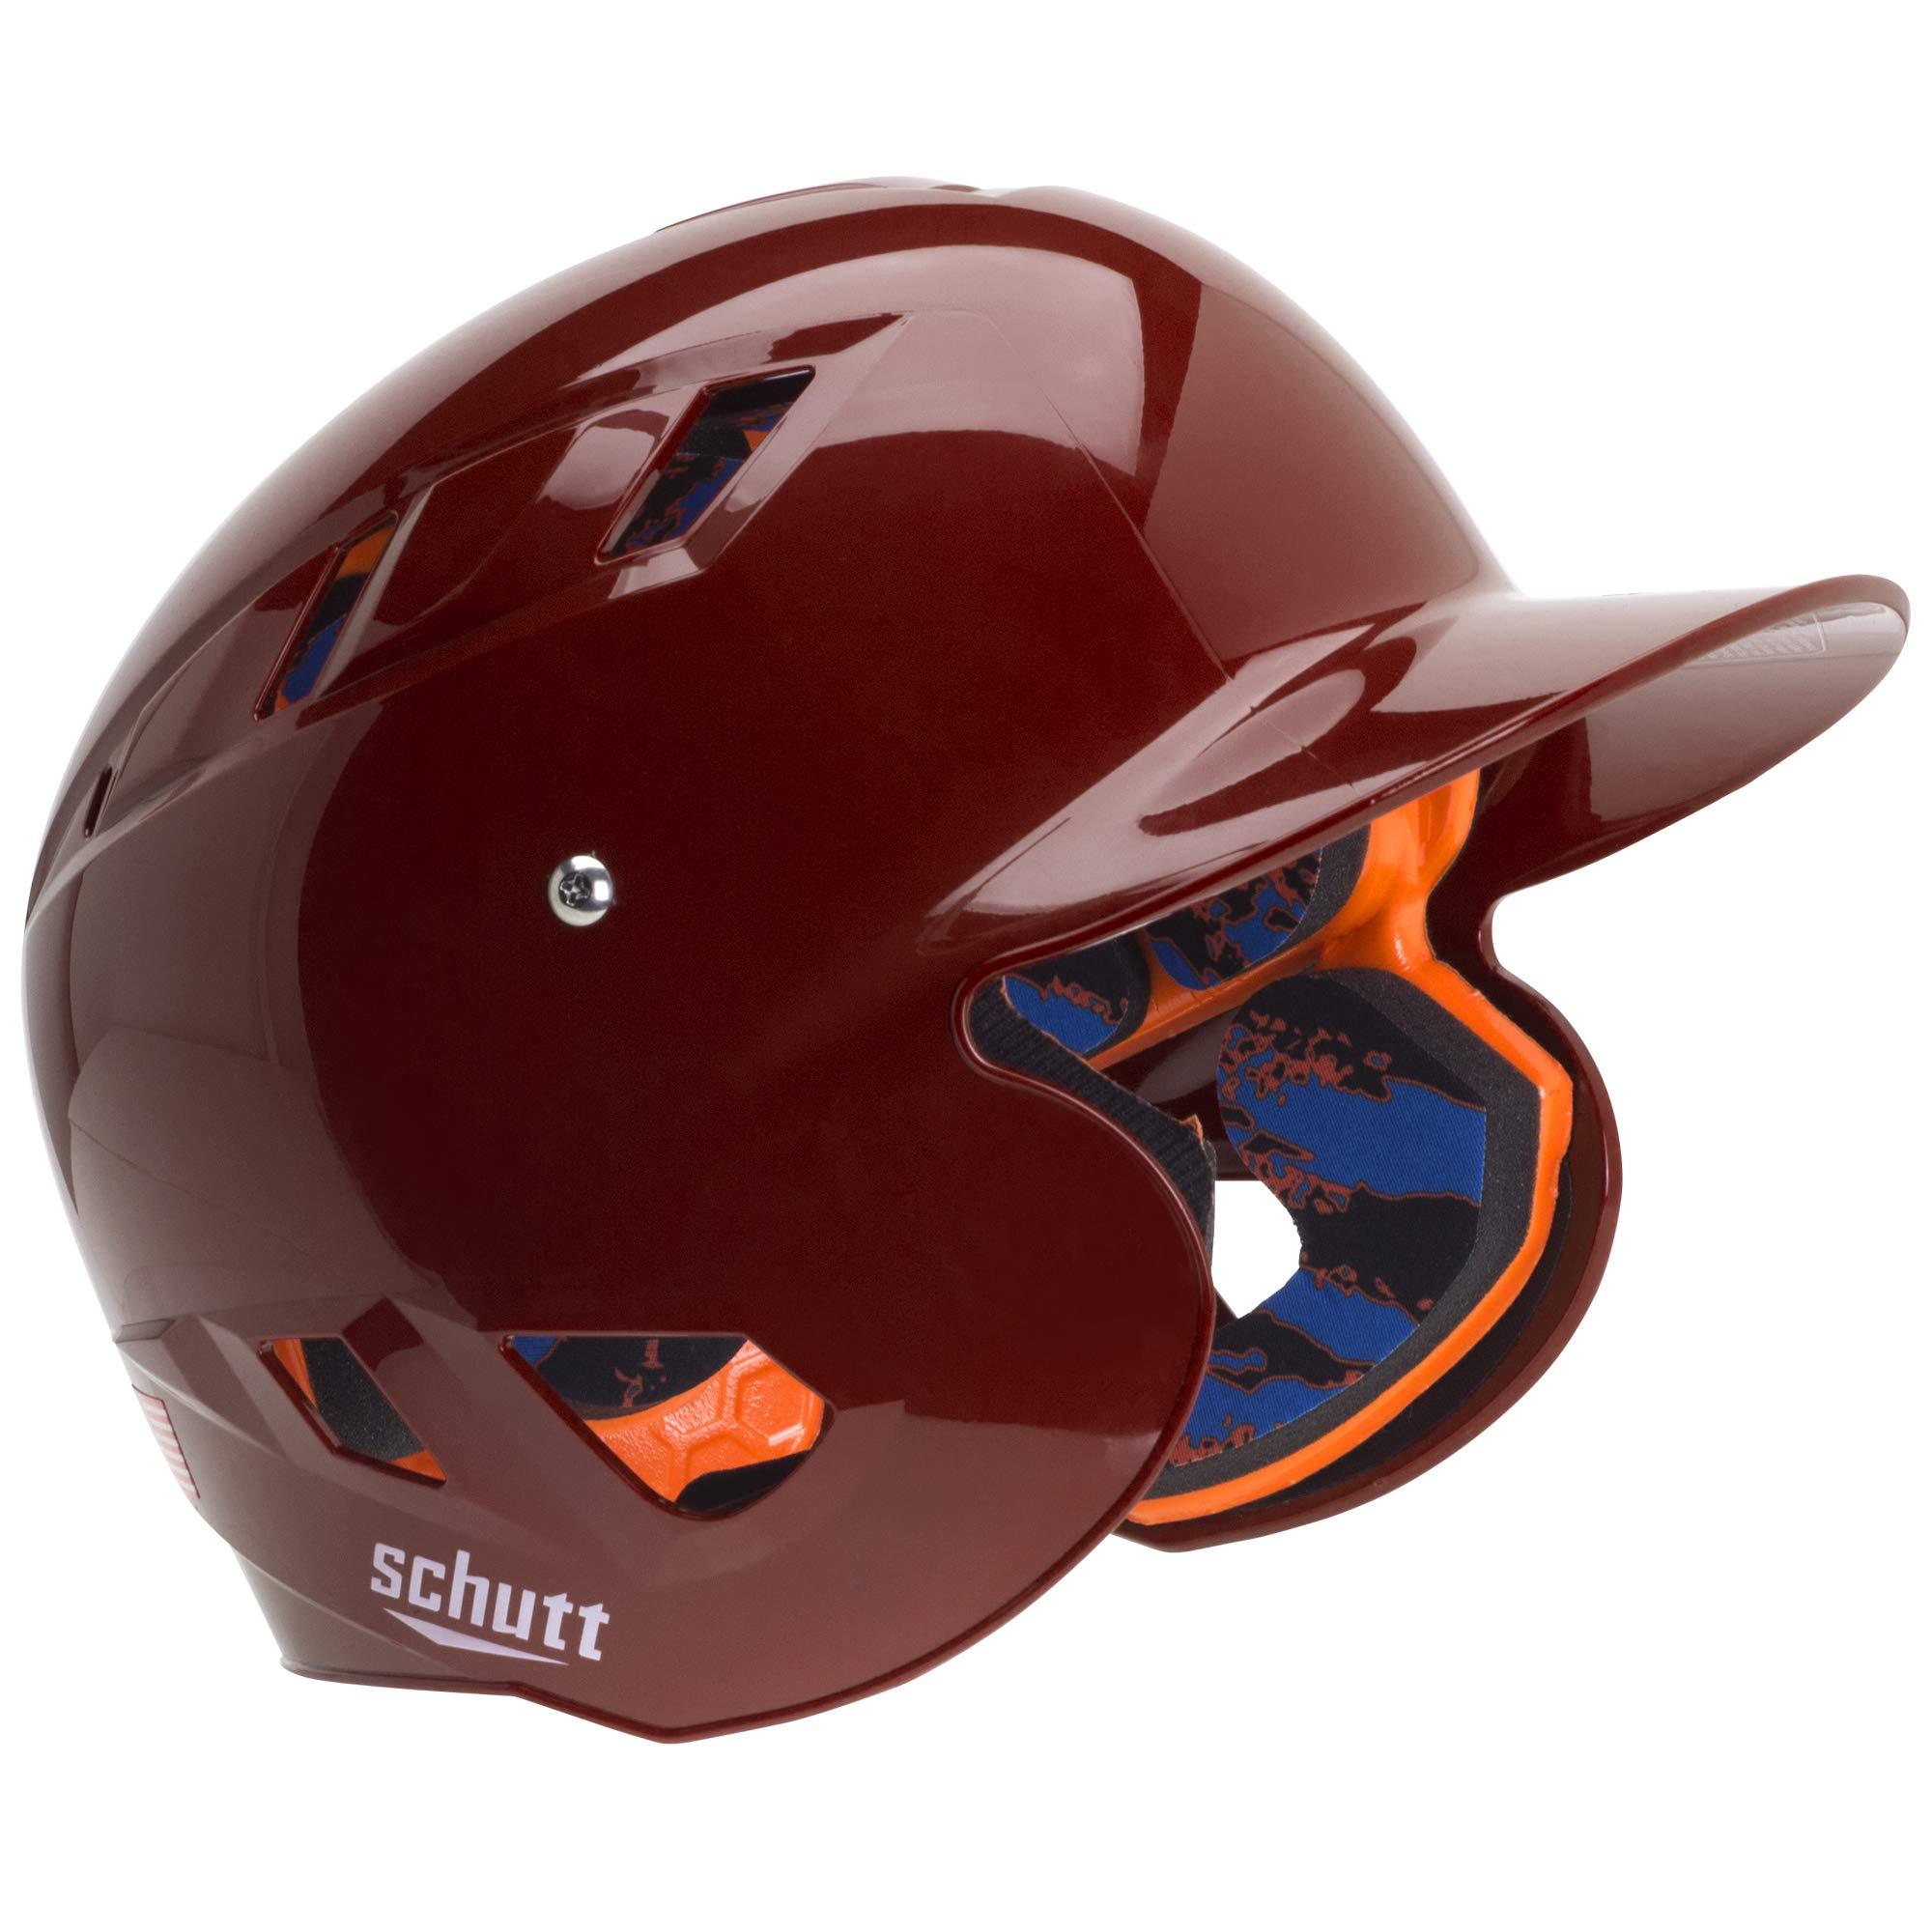 Schutt Sports AiR 5.6 Baseball Batter's Helmet by Schutt